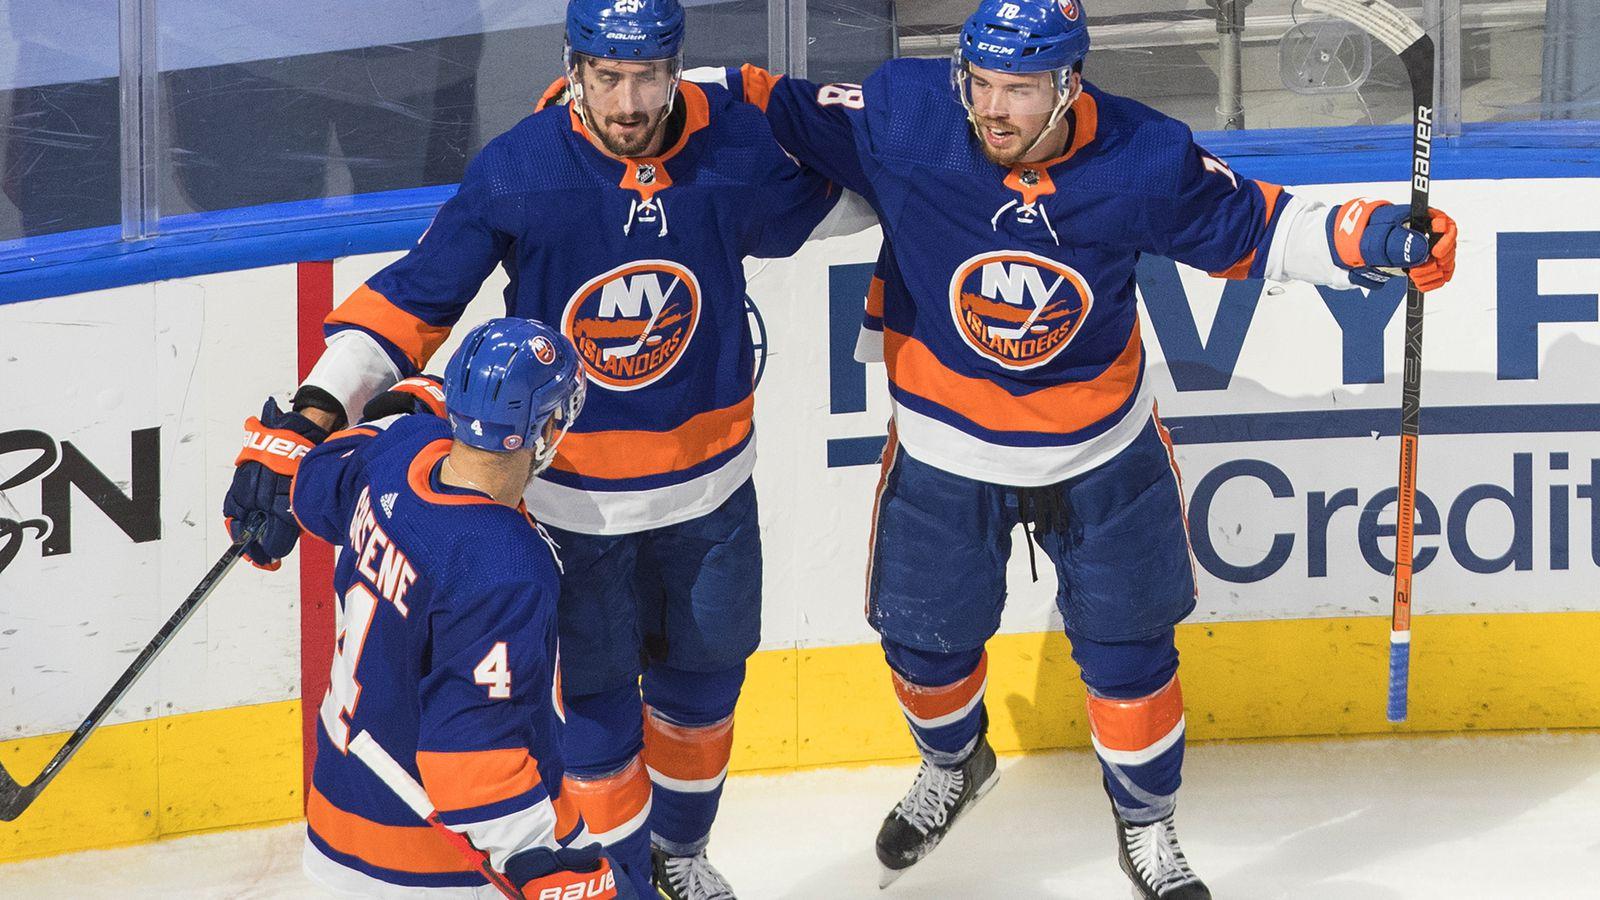 Brock Nelson, Semyon Varlamov find redemption in Islanders' 5-3 win